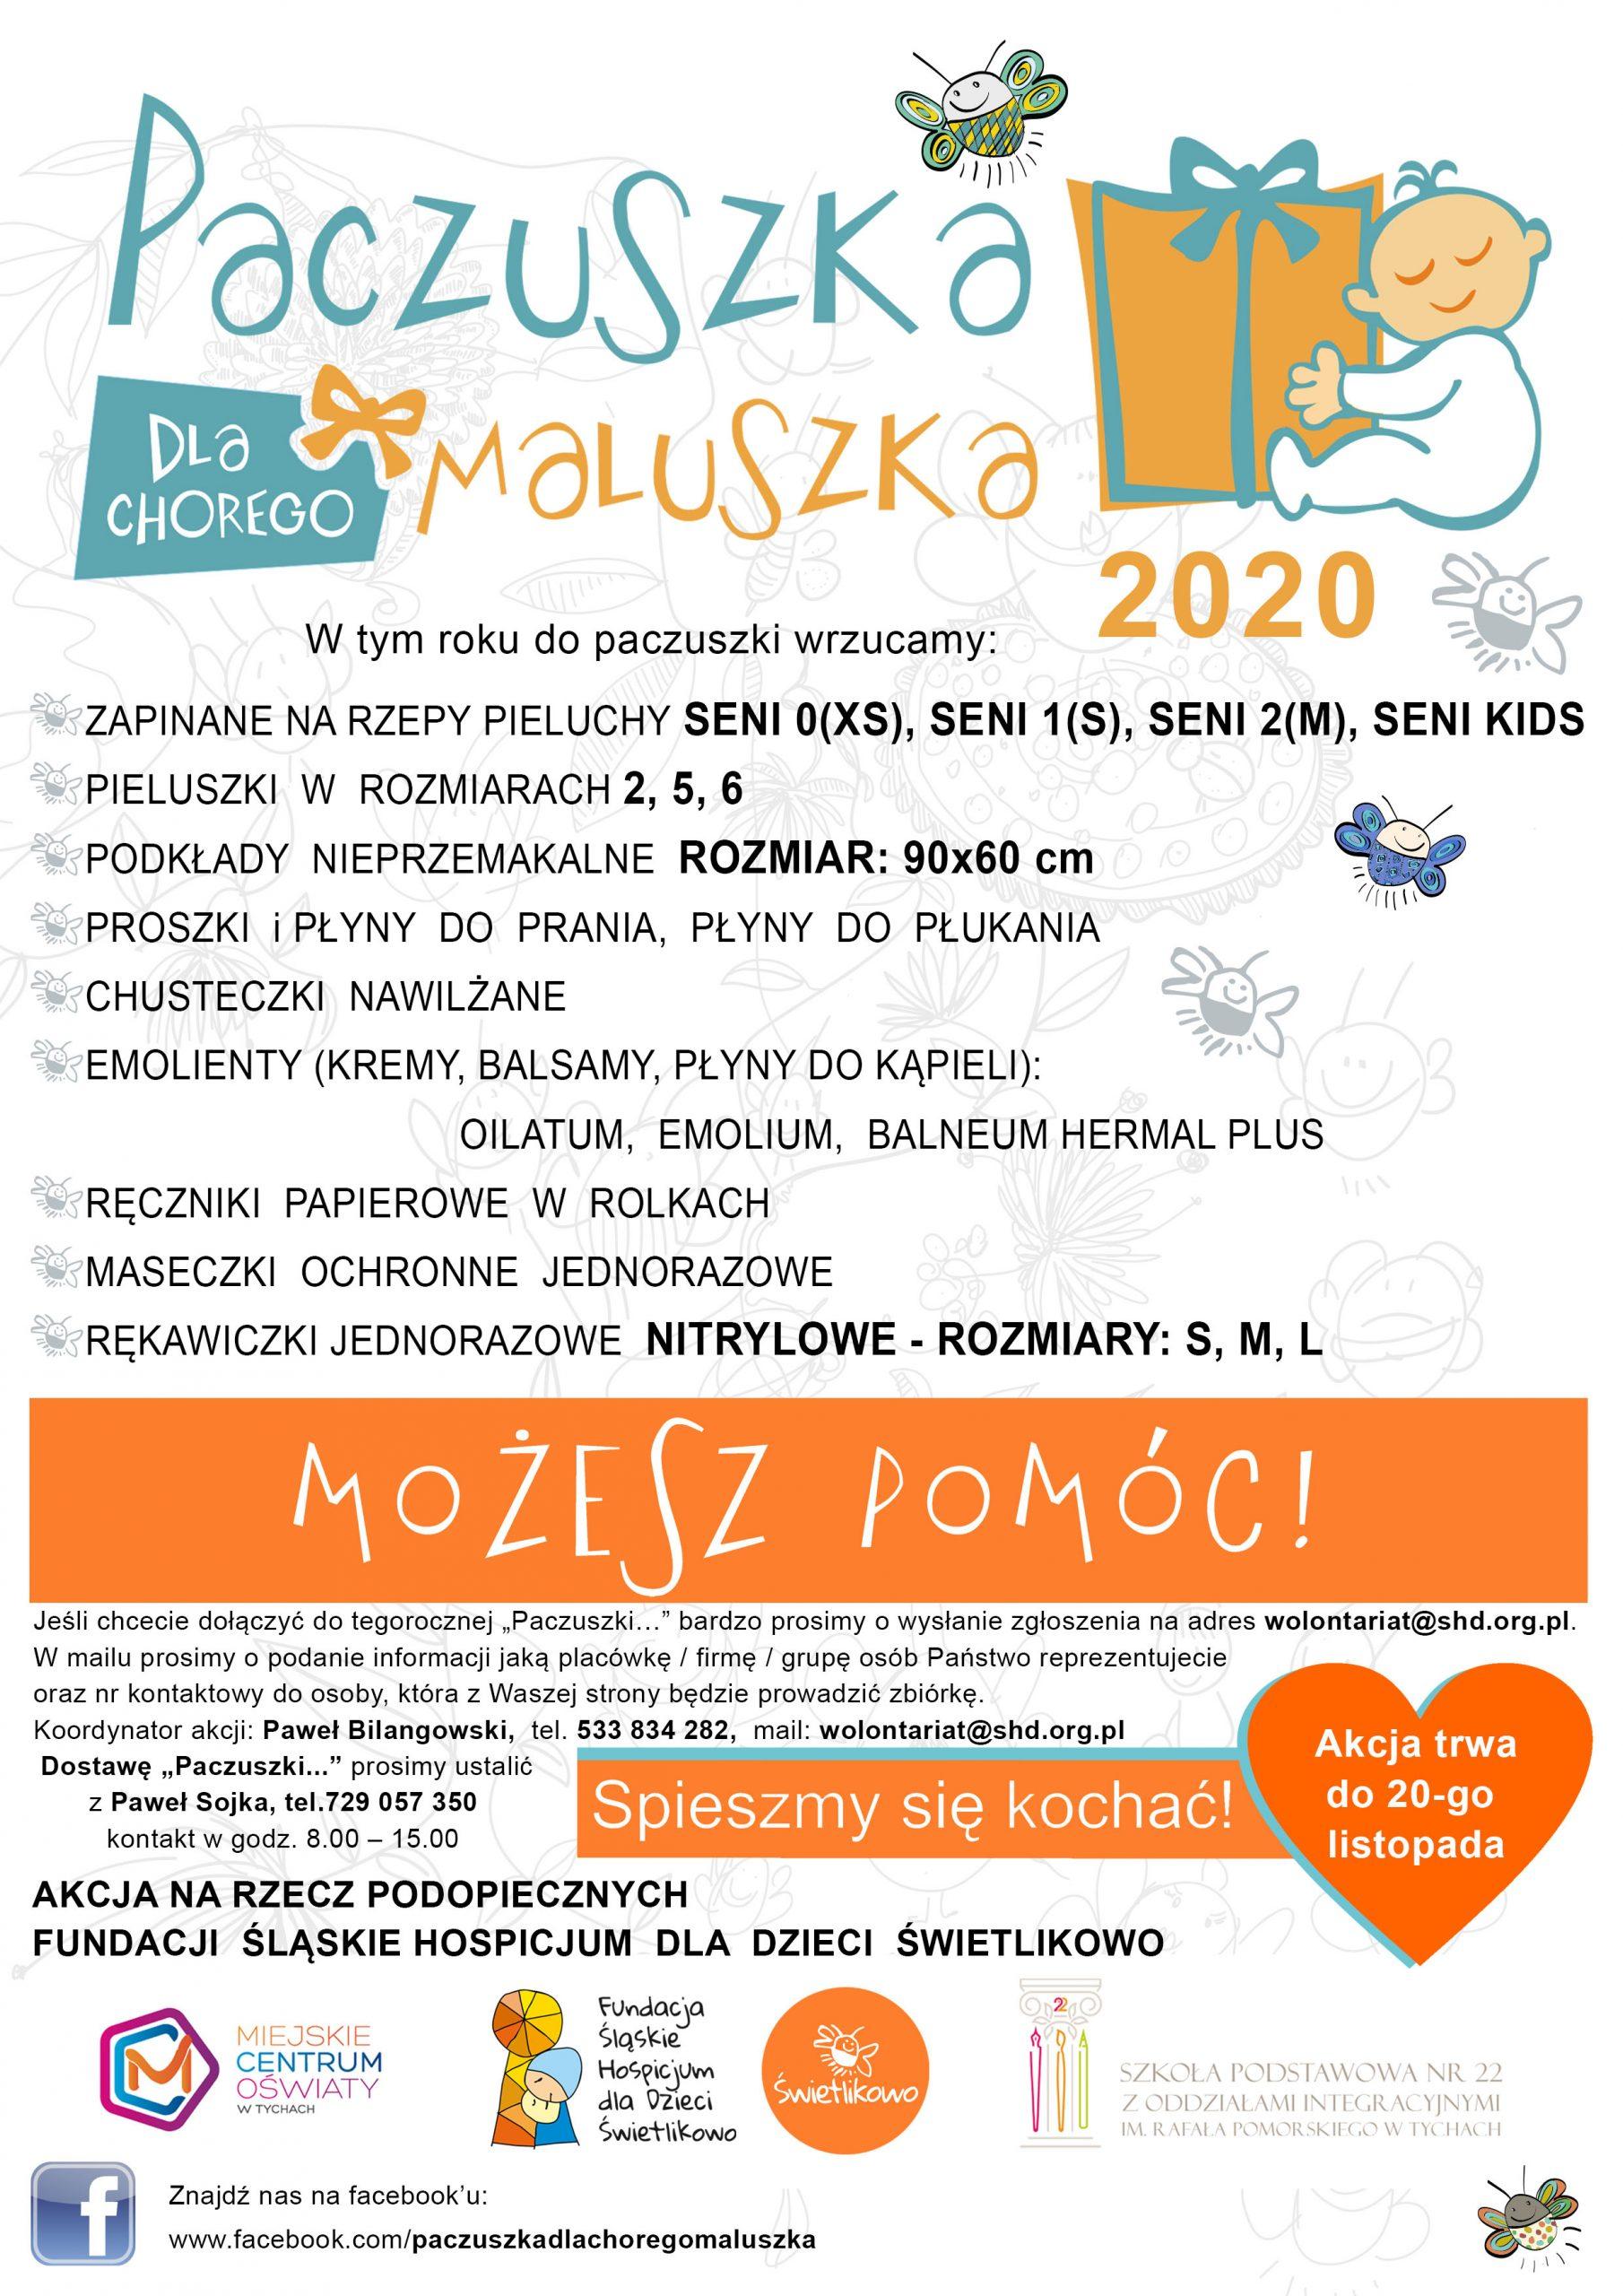 Plakat paczuszka 2020